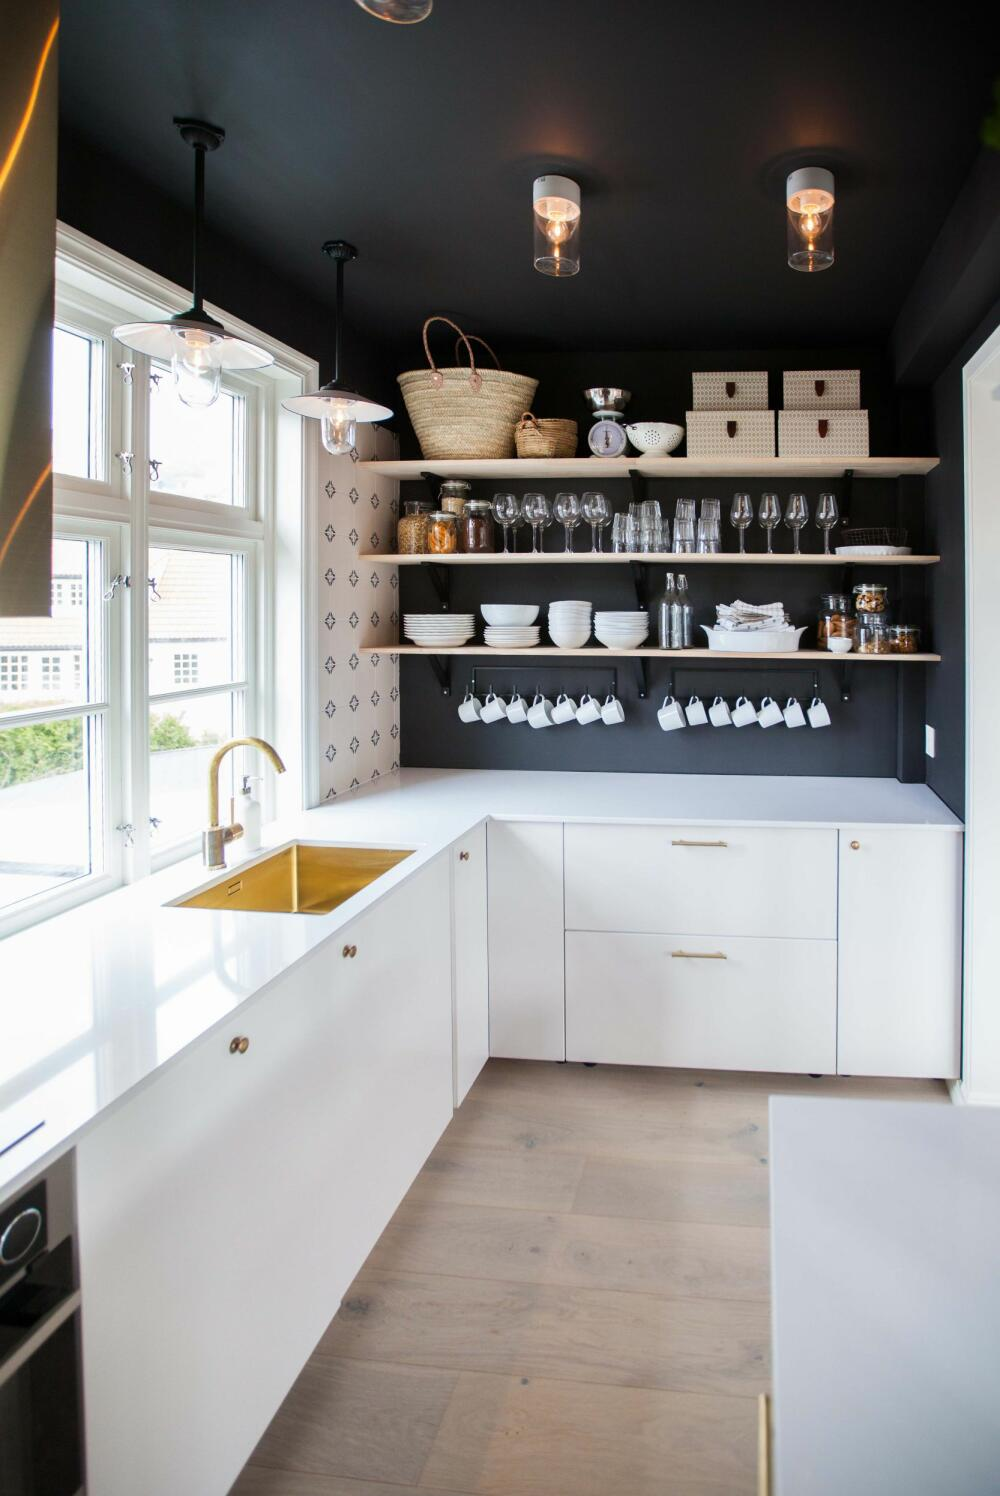 Slik laget Tid for hjem et plassbygget kjøkken med integrerte møbler